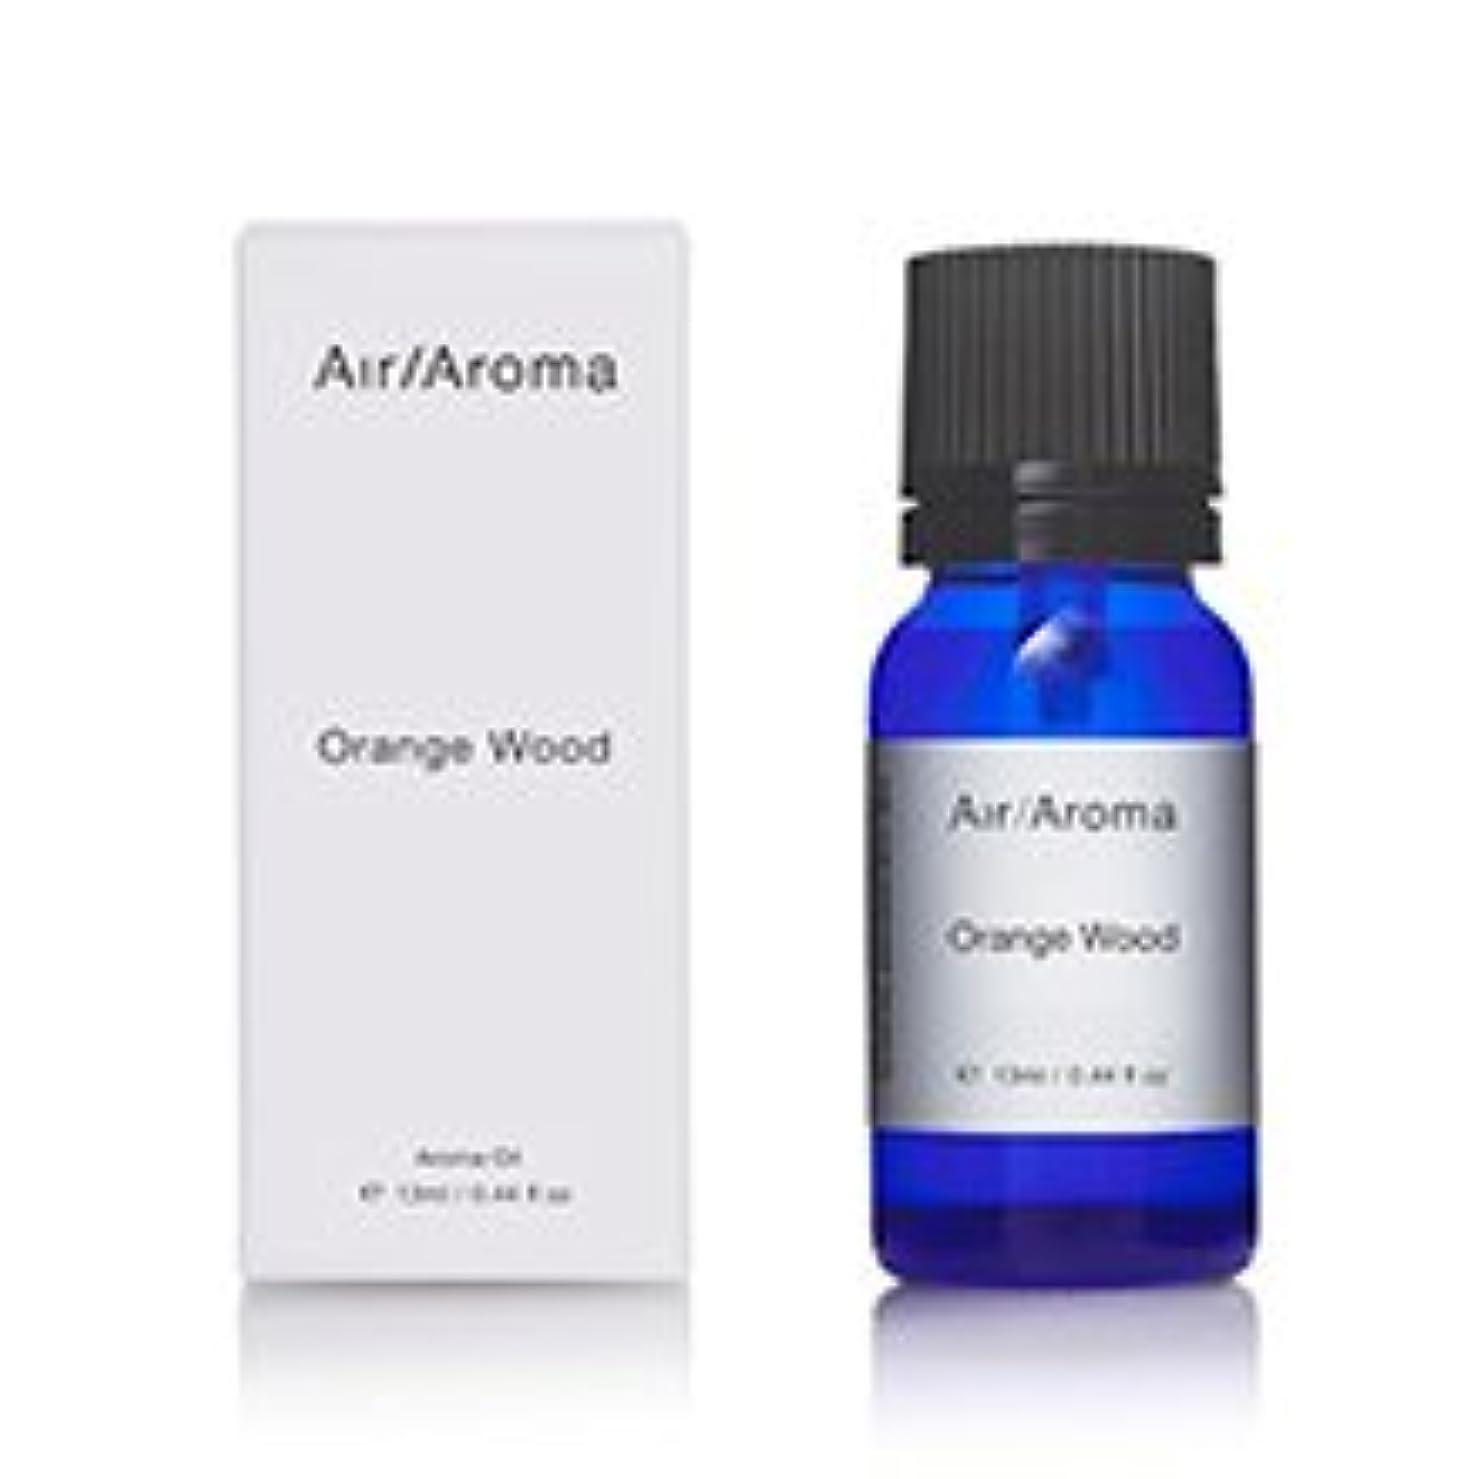 痛いオレンジアラブサラボエアアロマ orange wood(オレンジウッド)13ml